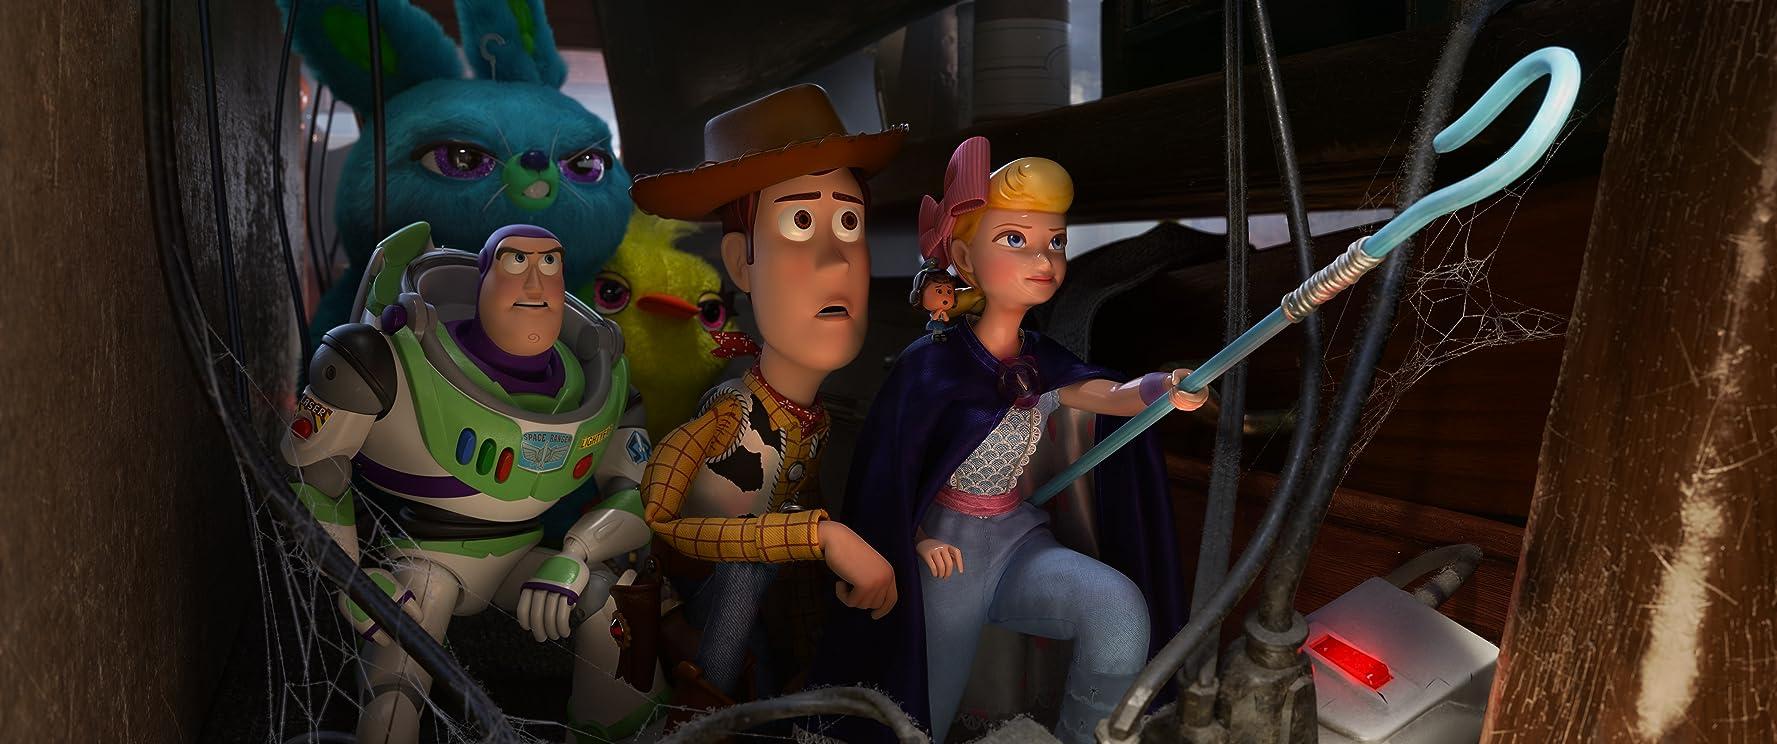 Tom Hanks, Tim Allen, Annie Potts, Keegan-Michael Key, and Jordan Peele in Toy Story 4 (2019)